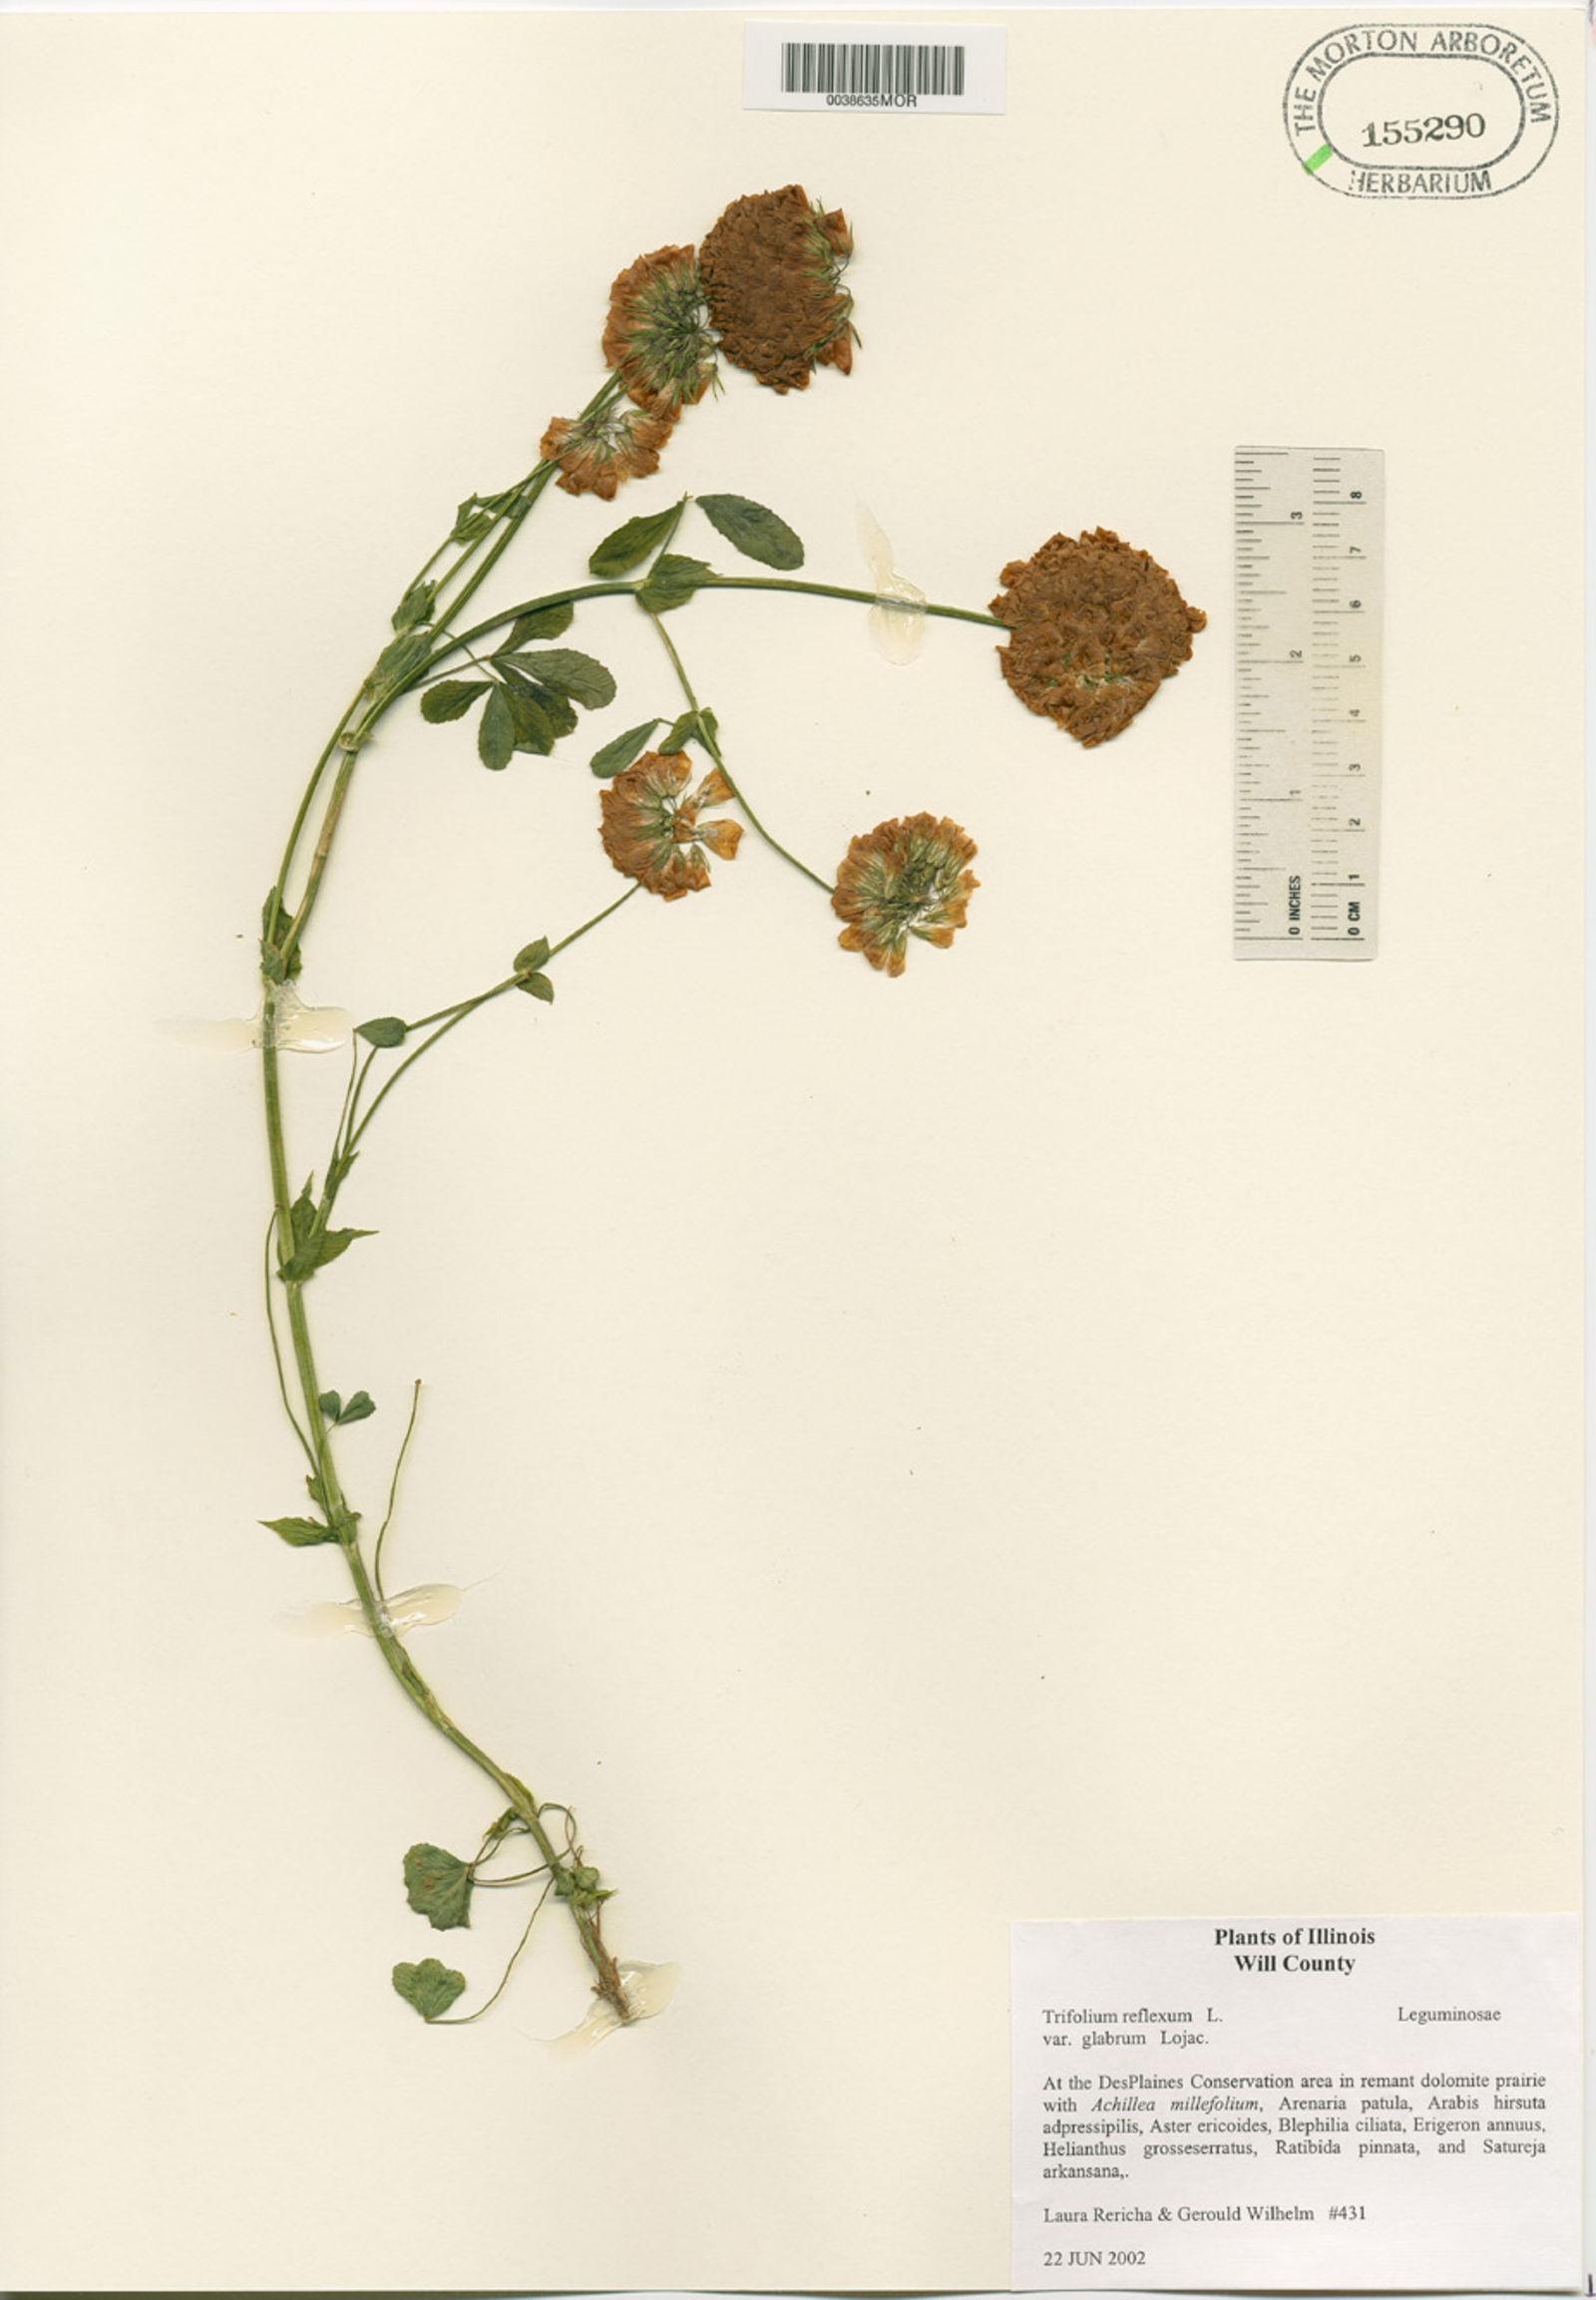 Trifolium reflexum var. glabrum image